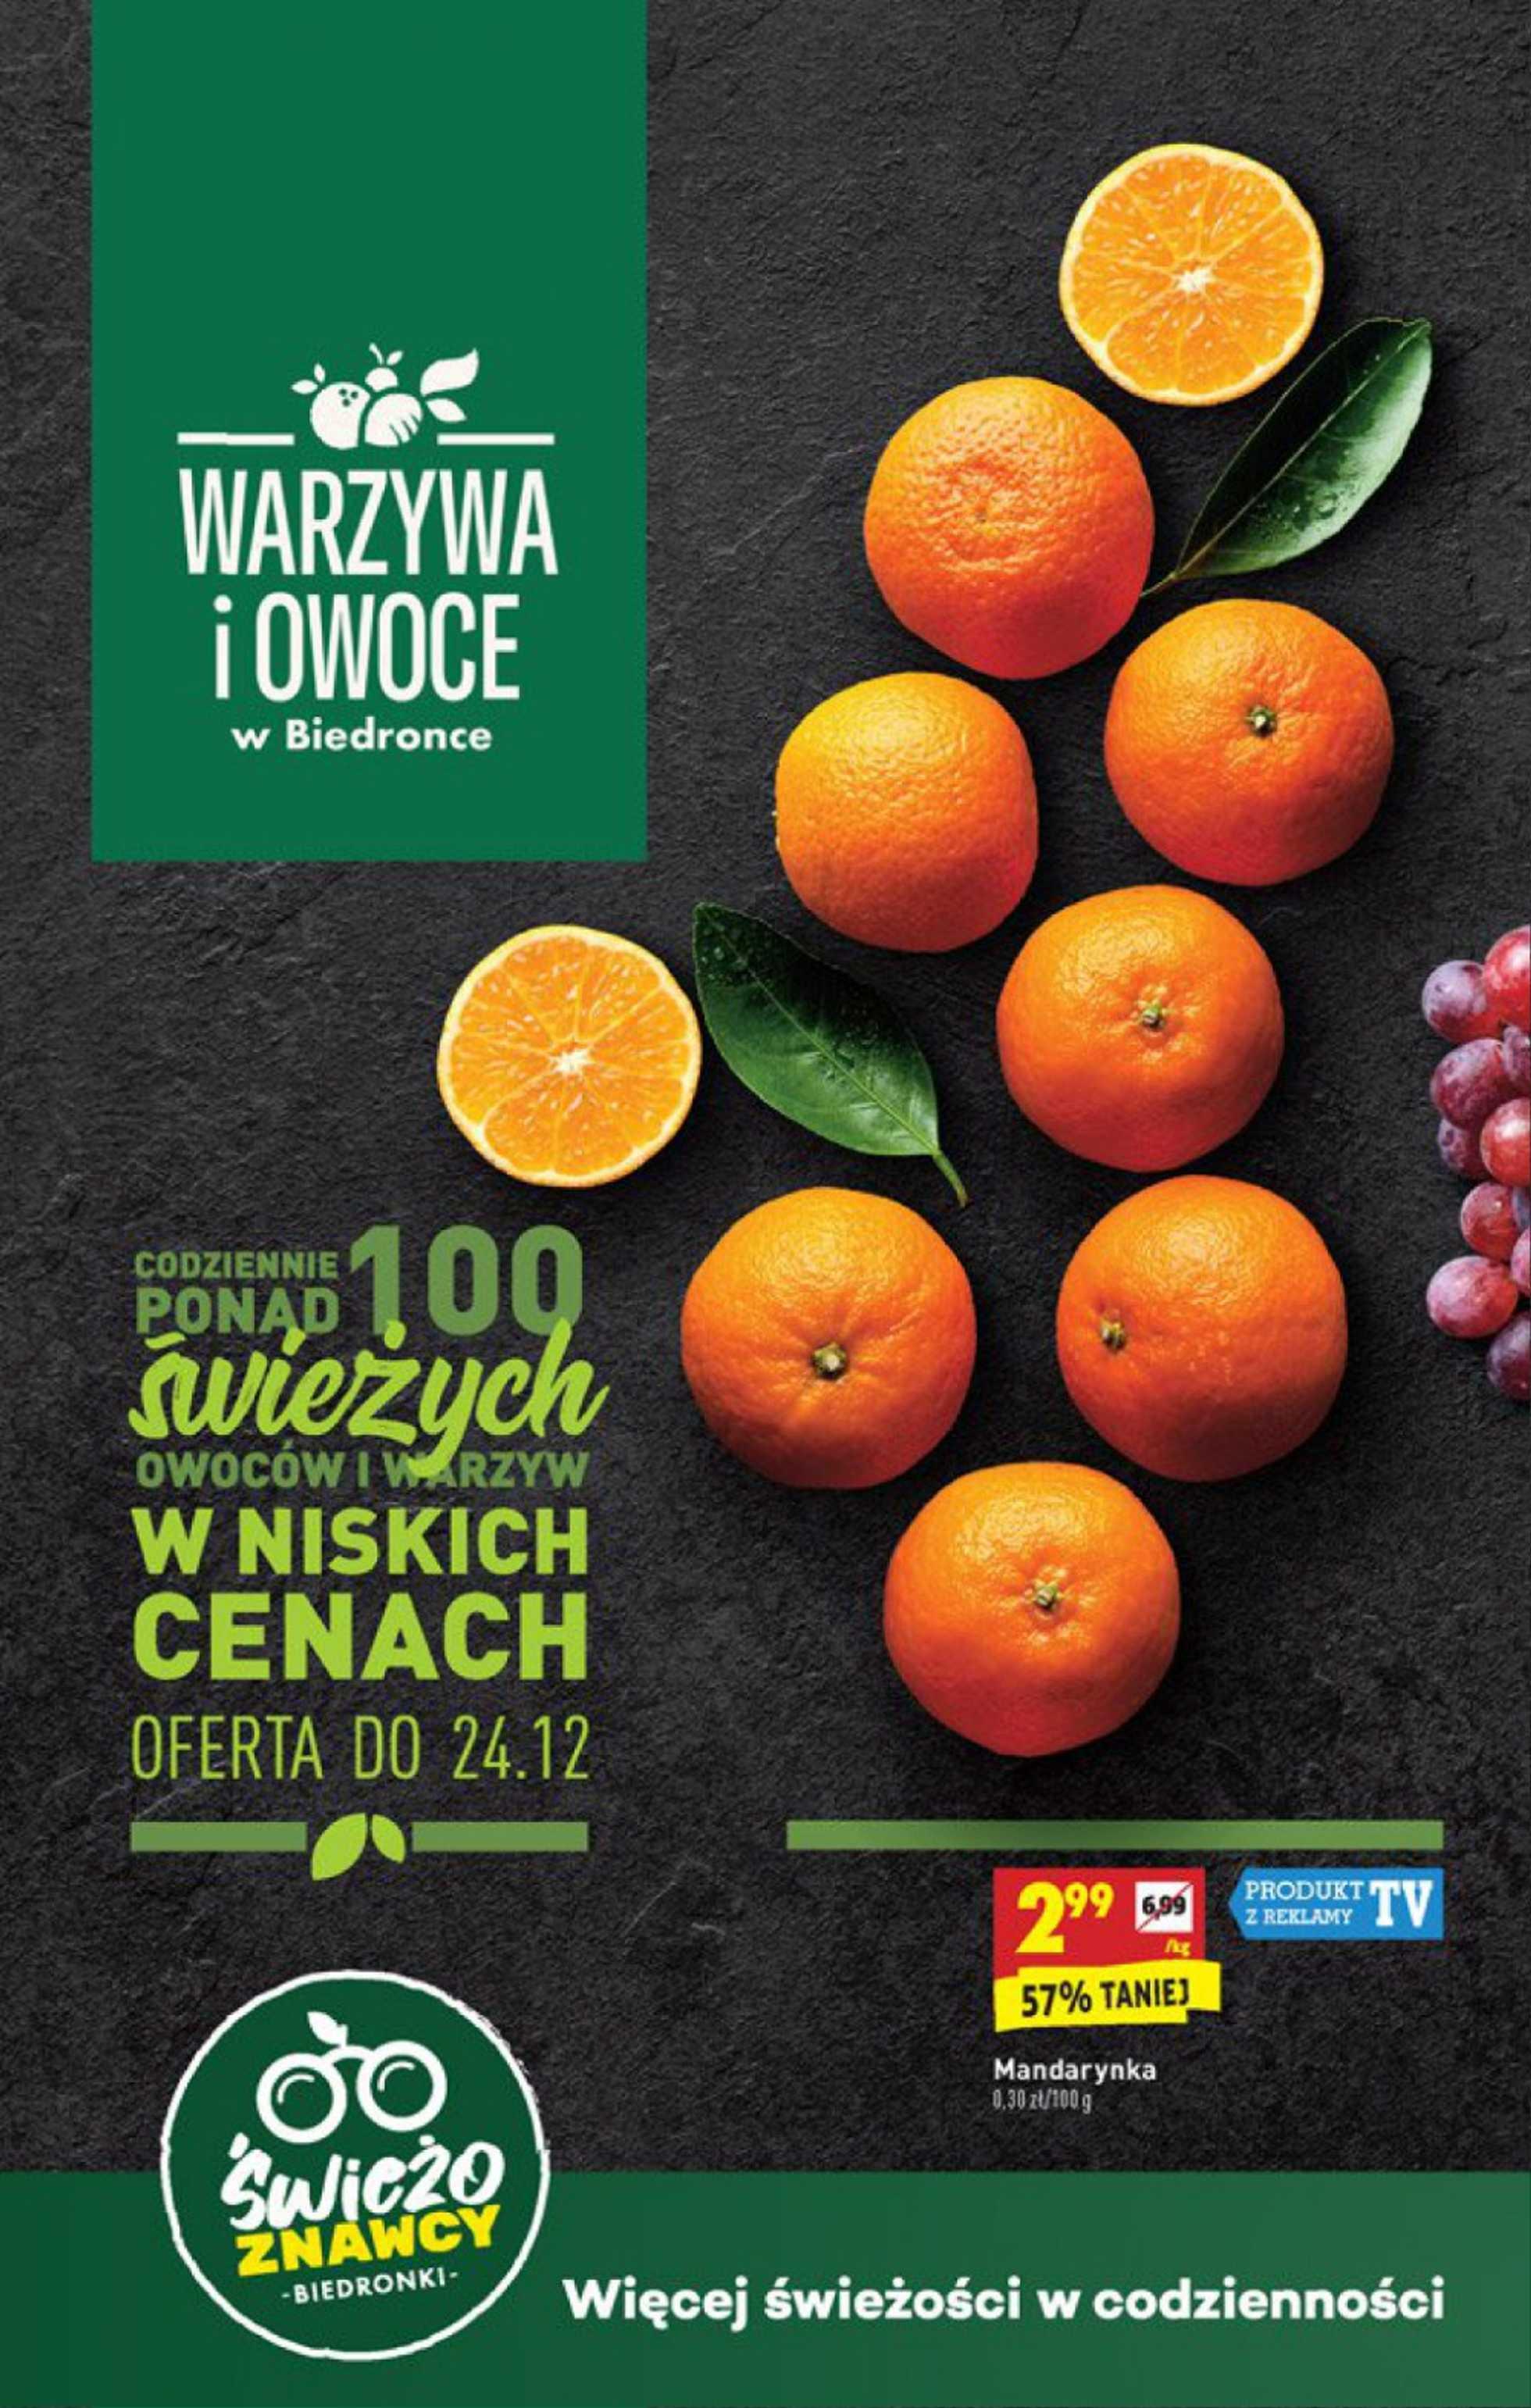 Biedronka - gazetka promocyjna ważna od 23.12.2019 do 29.12.2019 - strona 2.